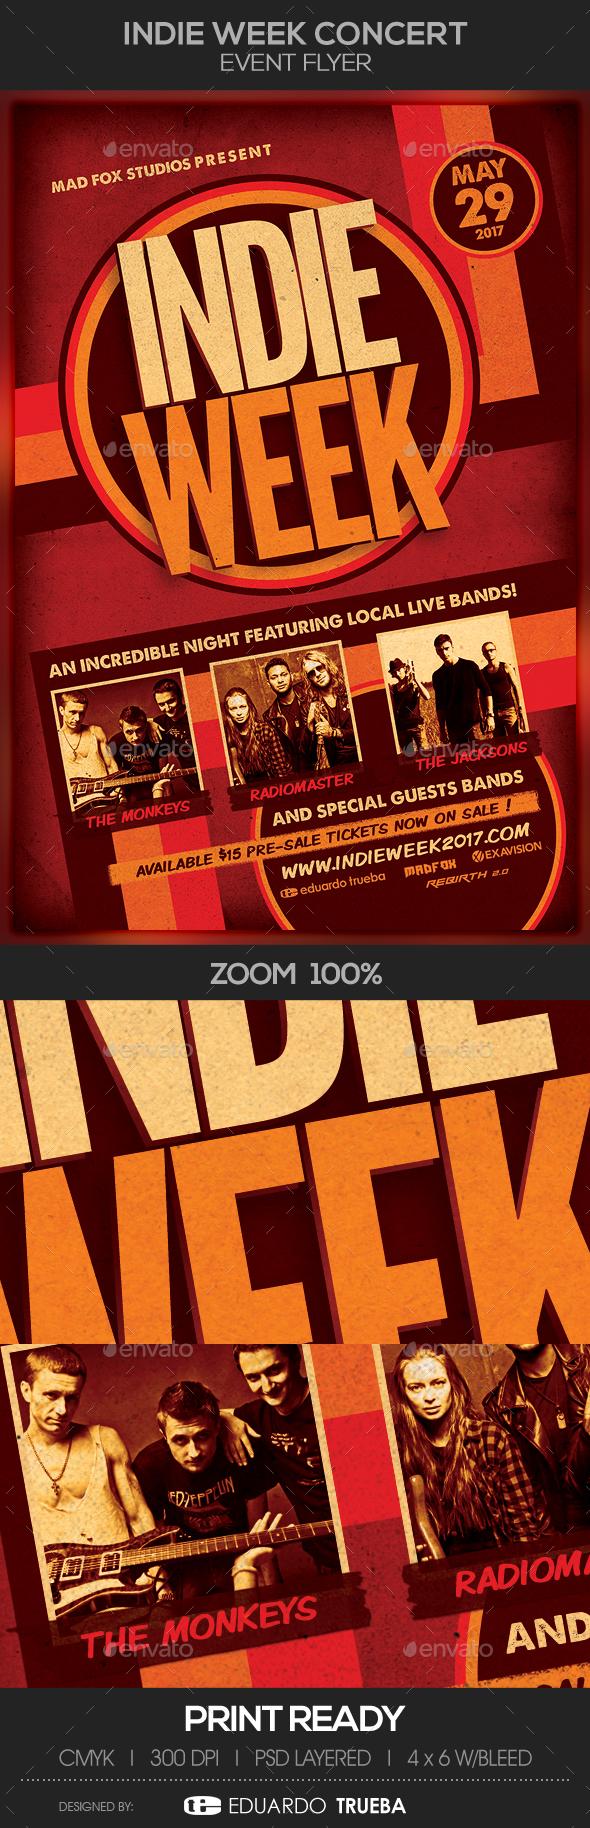 Indie Week Concert Event Flyer - Concerts Events